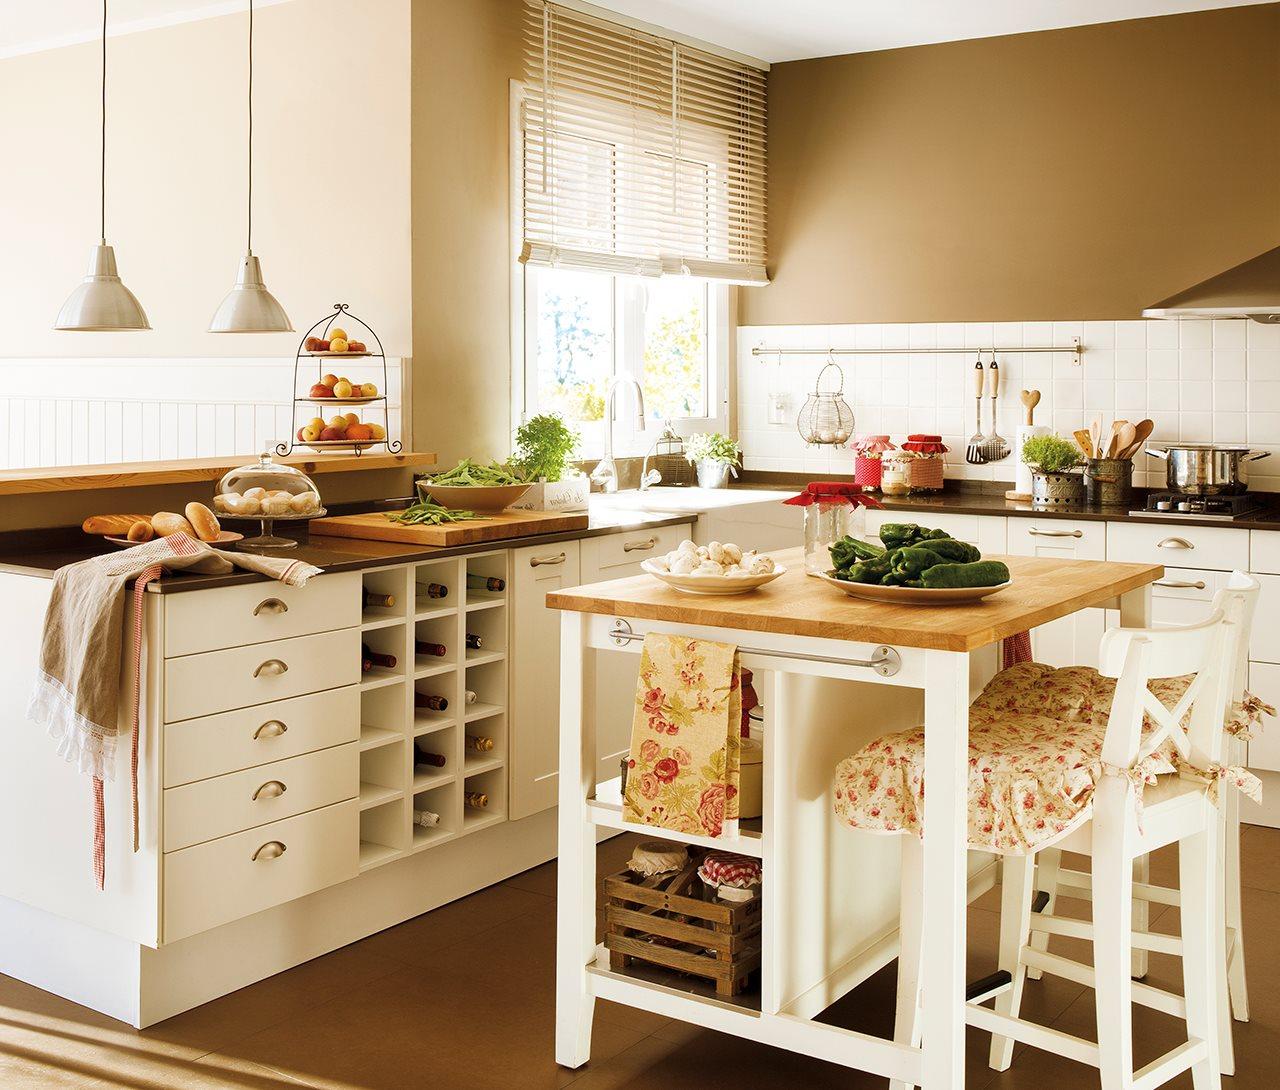 C mo aprovechar el espacio en cocinas peque as for Cocinas con islas en el medio